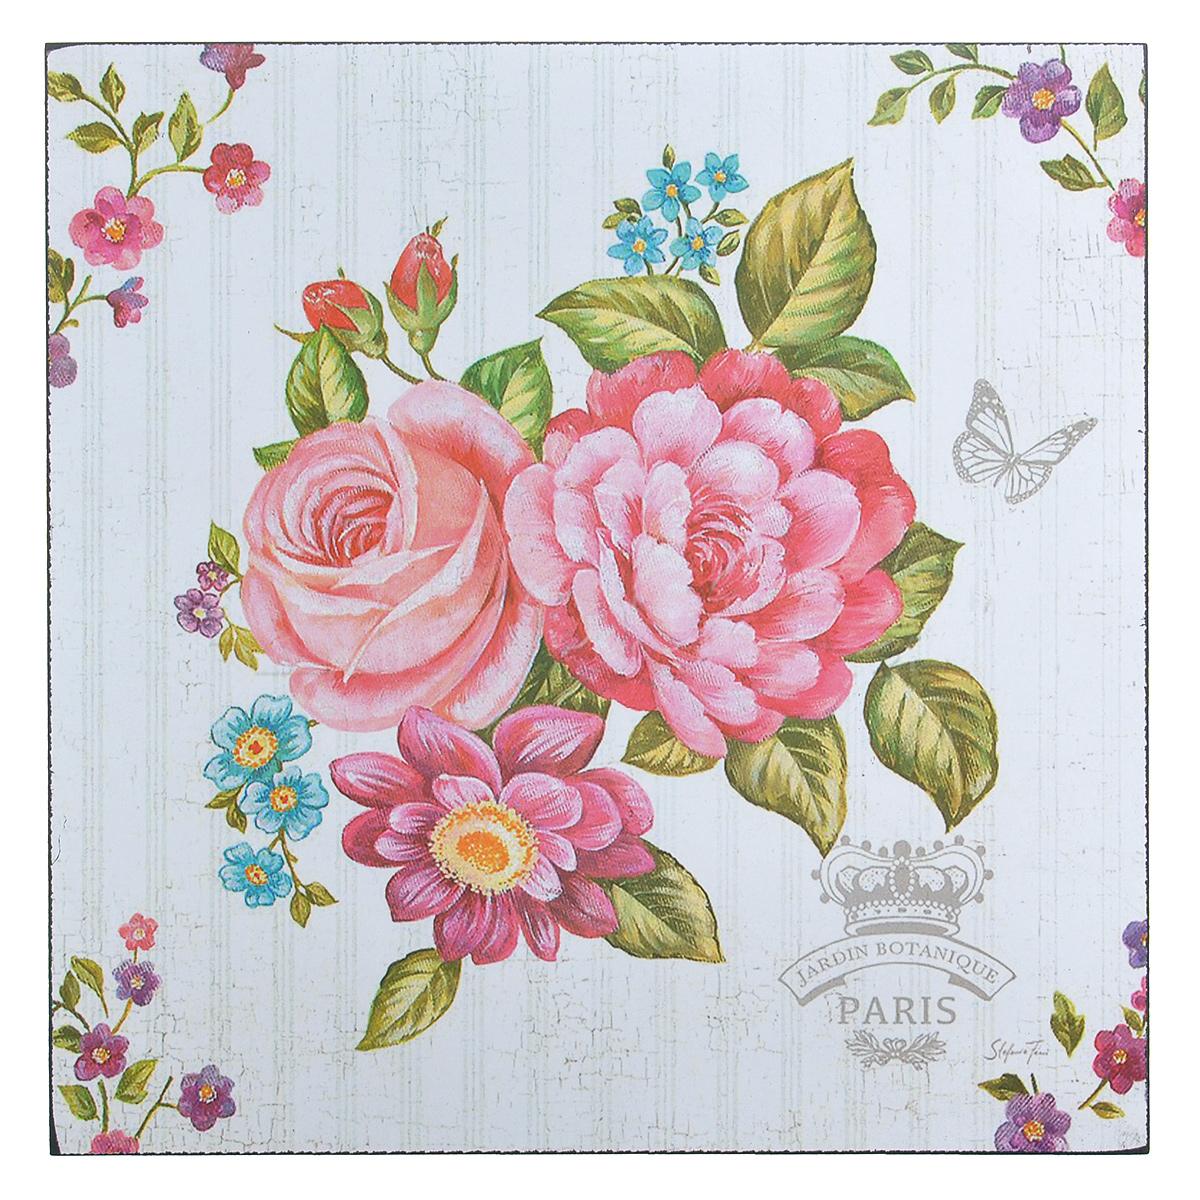 Картина-репродукция без рамки Цветы, 30 х 30 х 1 см 3600531x40 OZ143-50601Картина-репродукция без рамки Цветы выполнена из натуральной древесины. Техника выполнения - масляная печать на холсте. На картине изображены цветы. Такая картина - вдохновляющее декоративное решение, привносящее в интерьер нотки творчества и изысканности! Благодаря оригинальному дизайну картина дополнит интерьер любого помещения, а также сможет стать изысканным подарком для ваших друзей и близких.